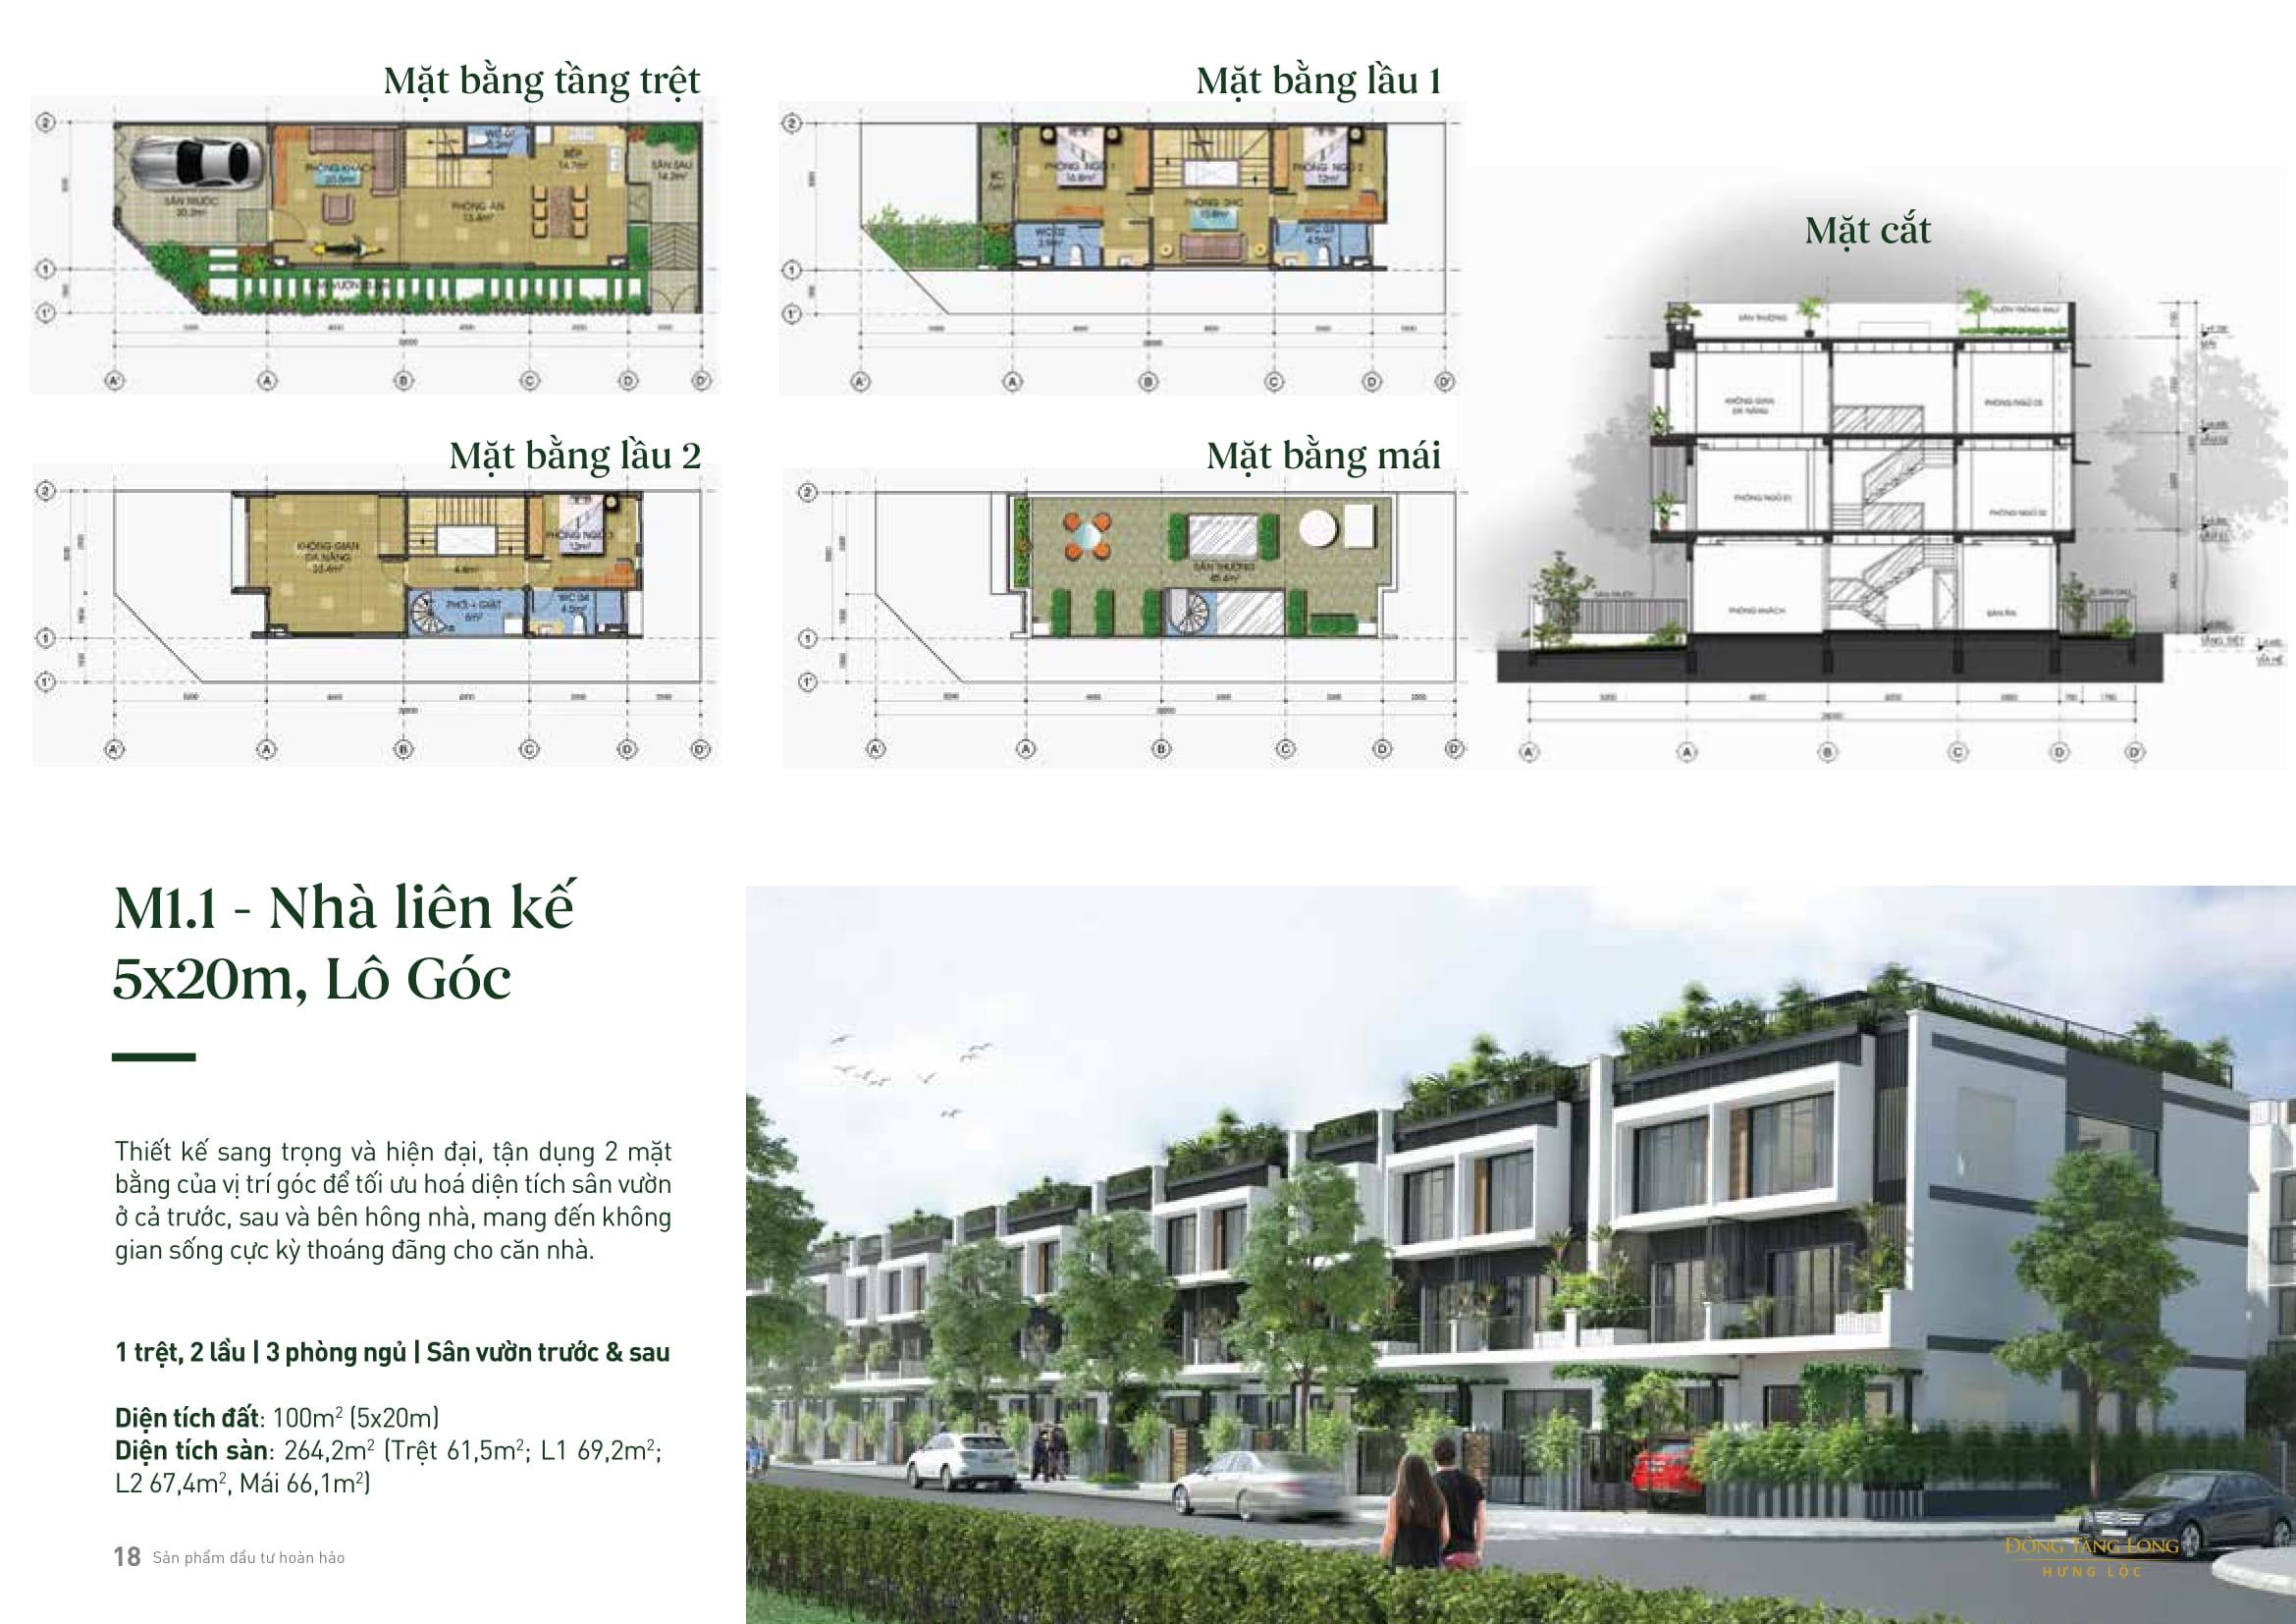 dong tang long 05 - Đánh giá ưu và nhược điểm dự án Đông Tăng Long Quận 9